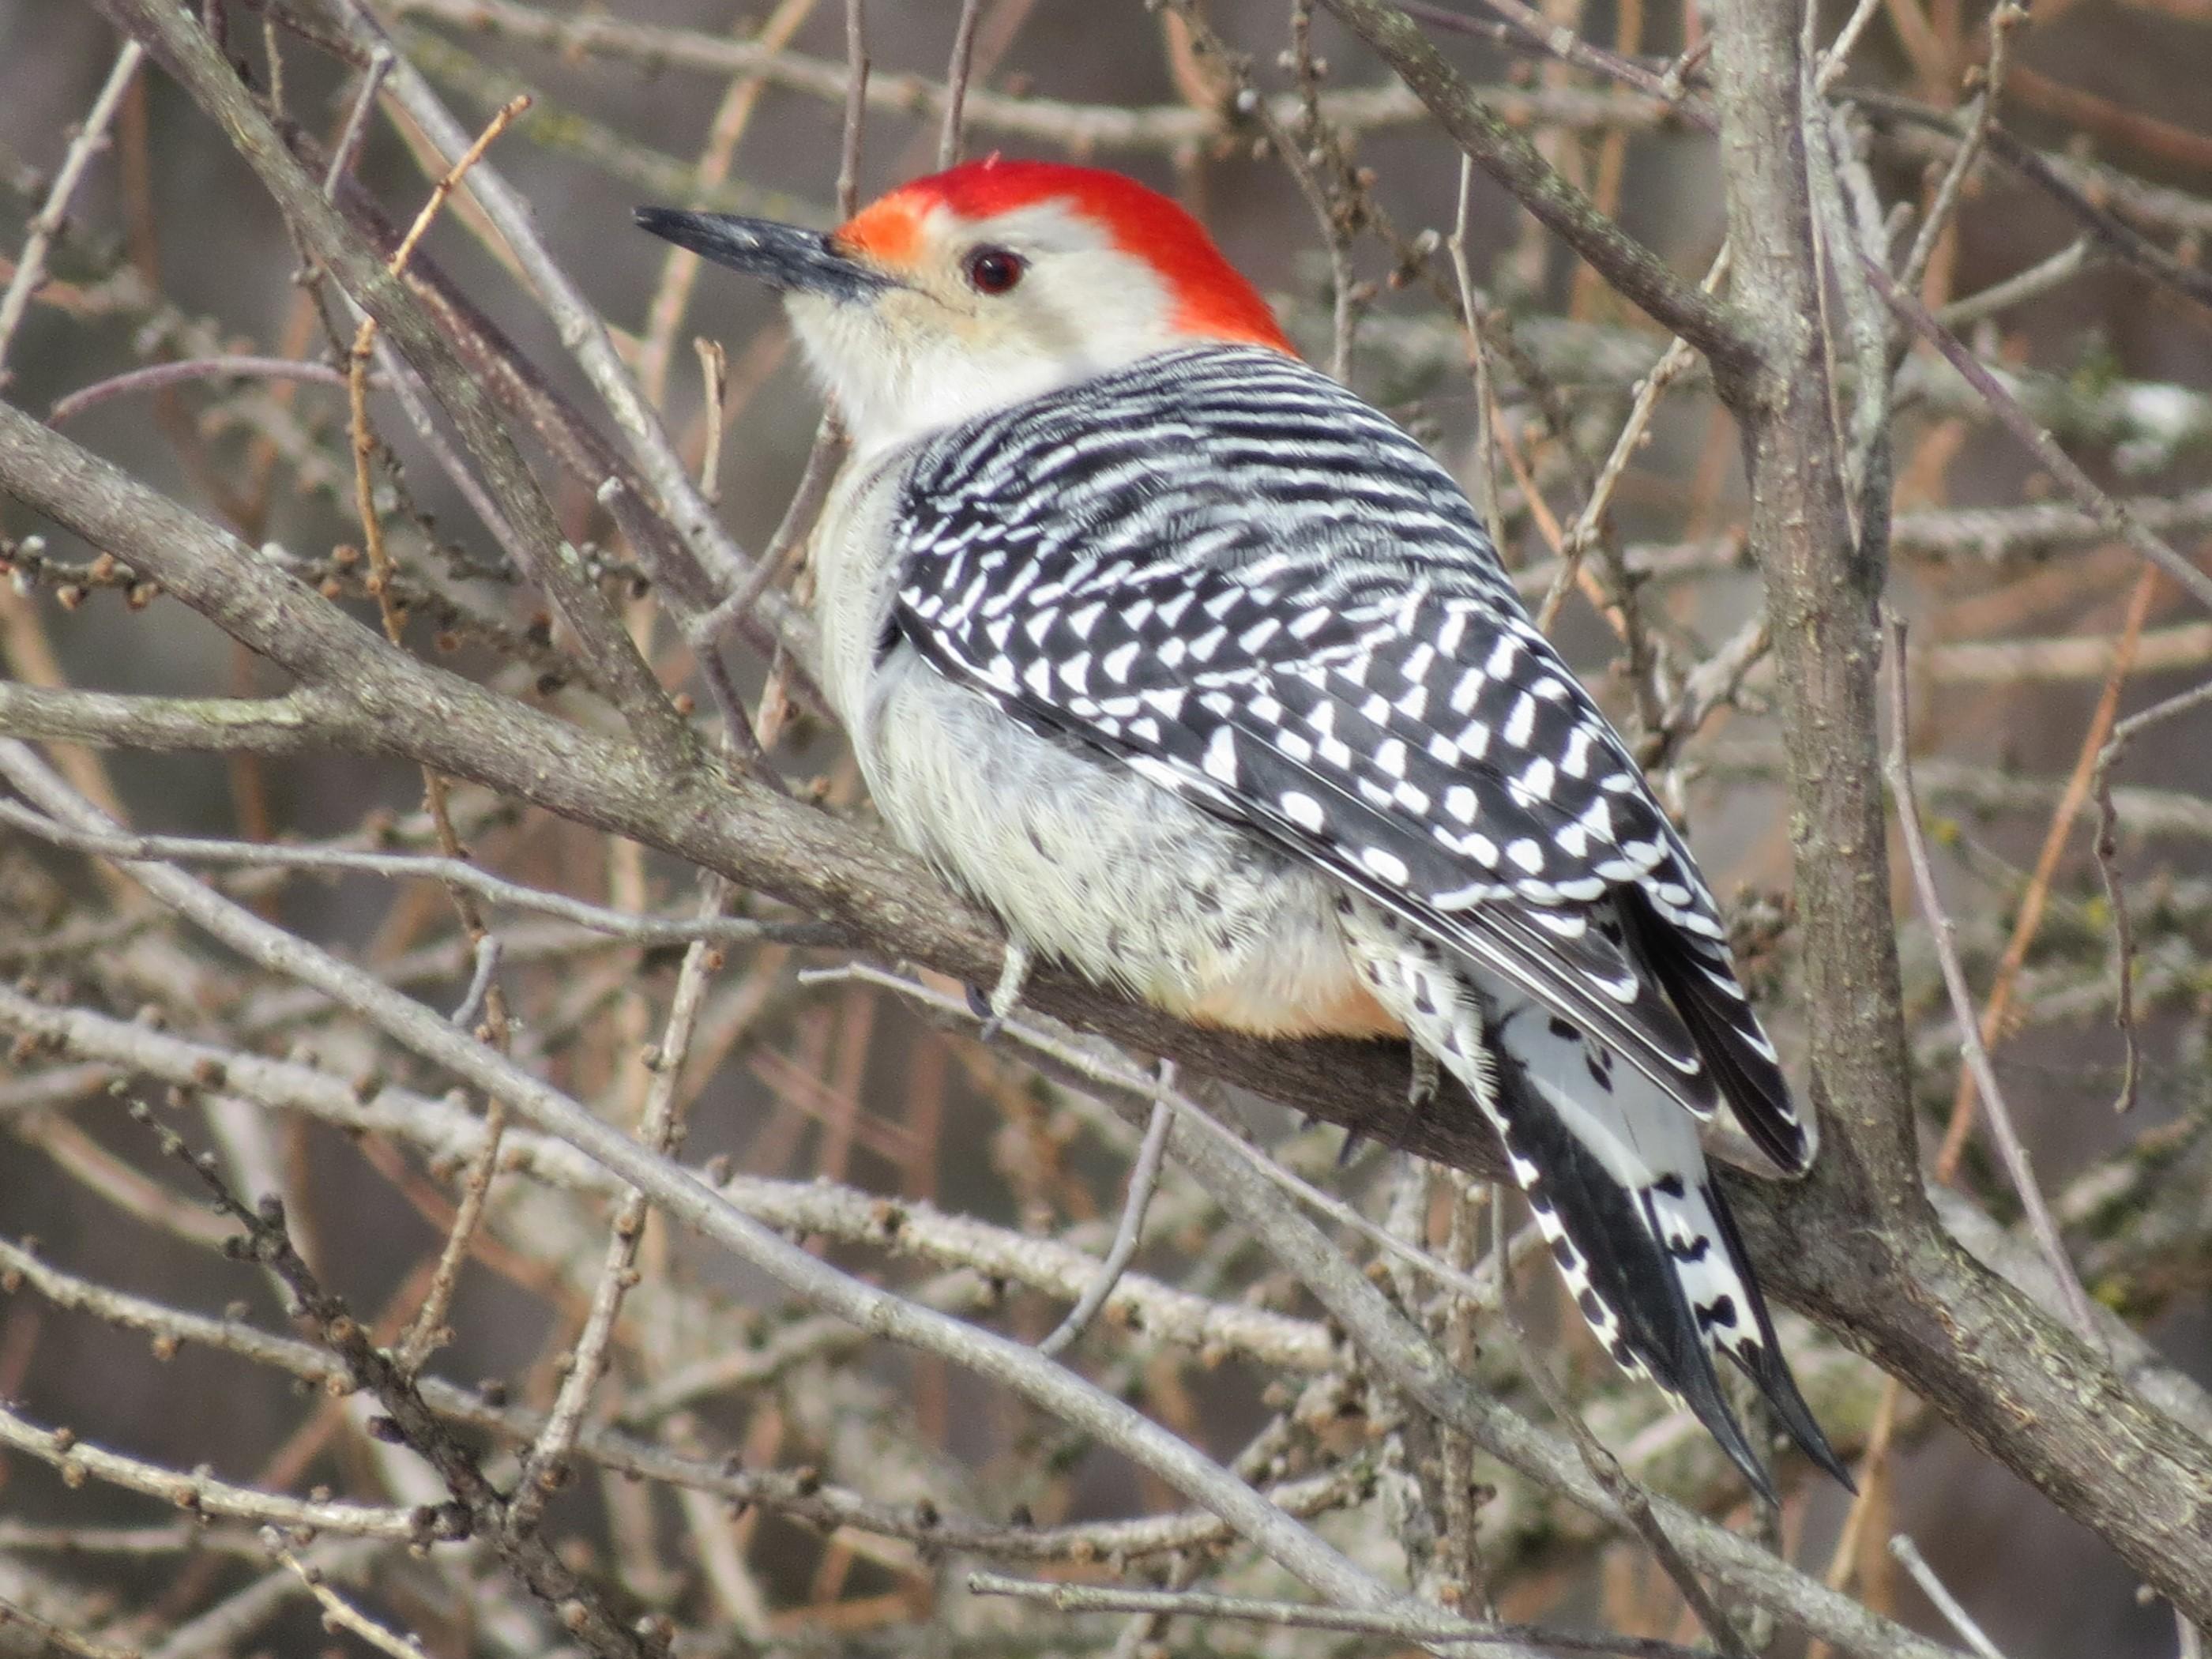 red-bellied woodpecker in shrubs